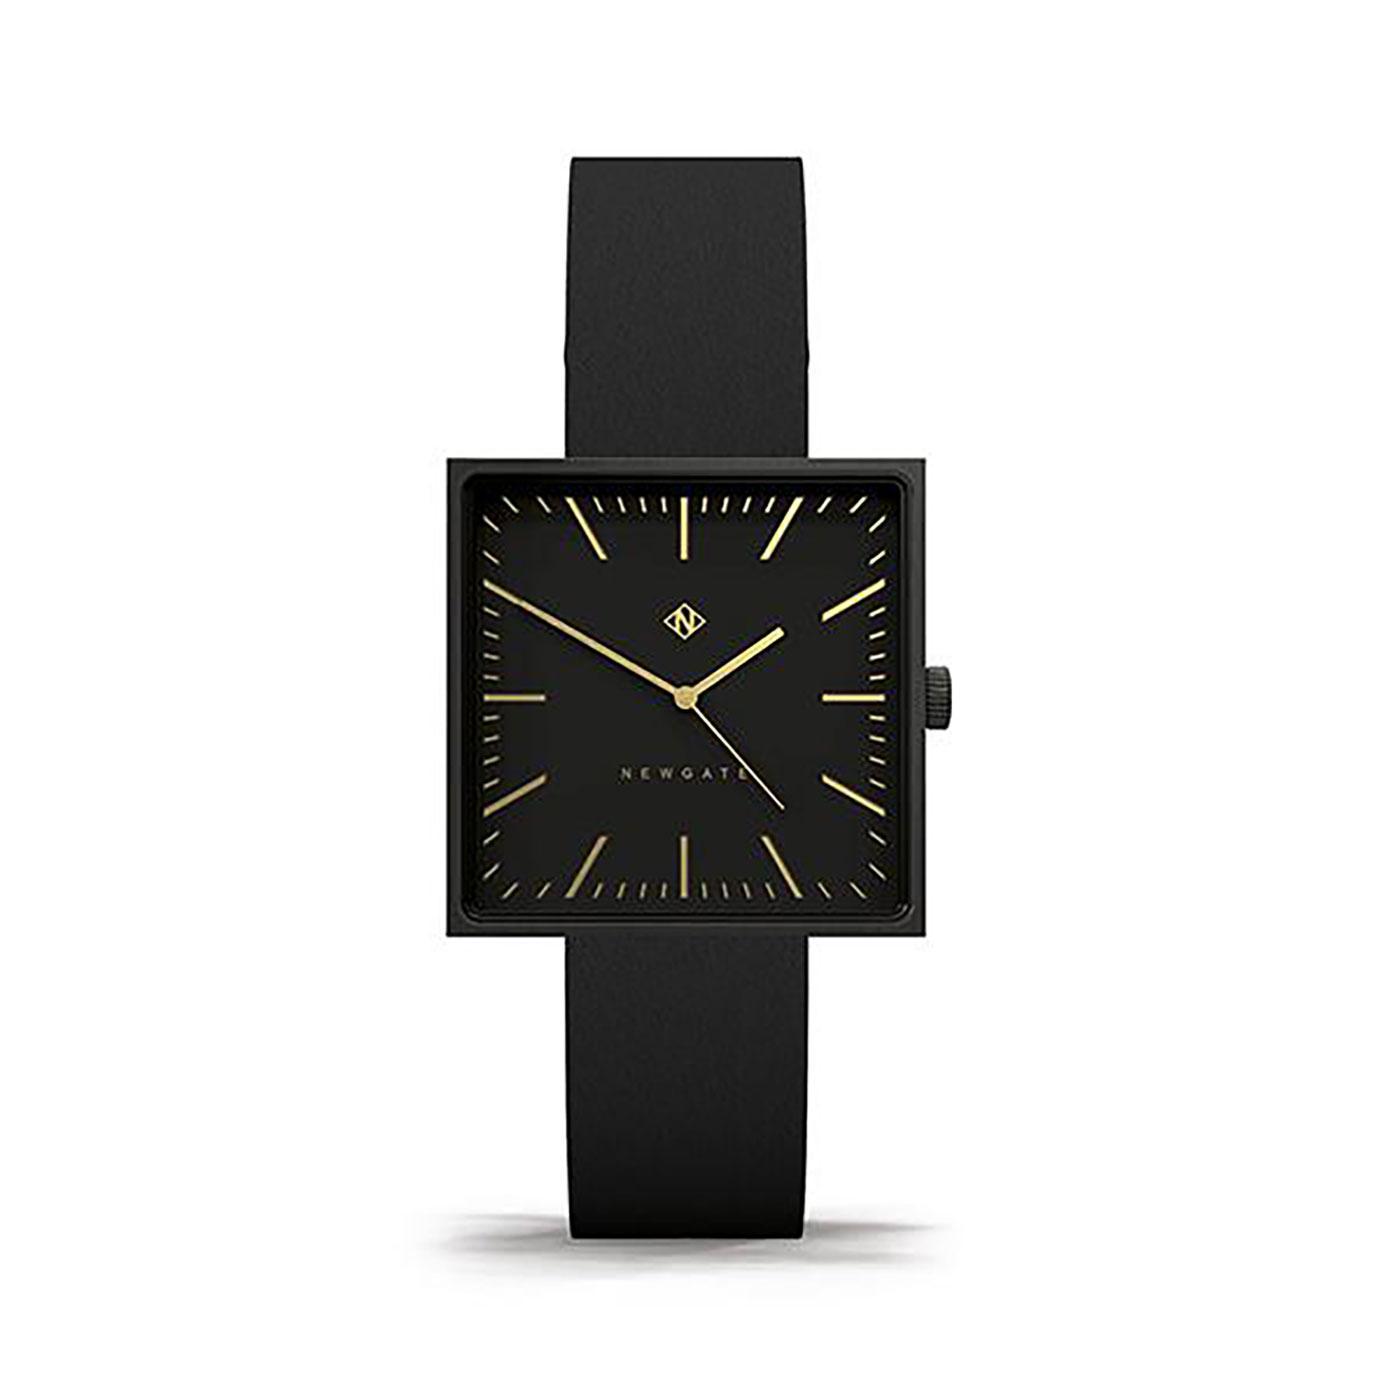 The Cubeline NEWGATE Retro Square Face Watch BLACK